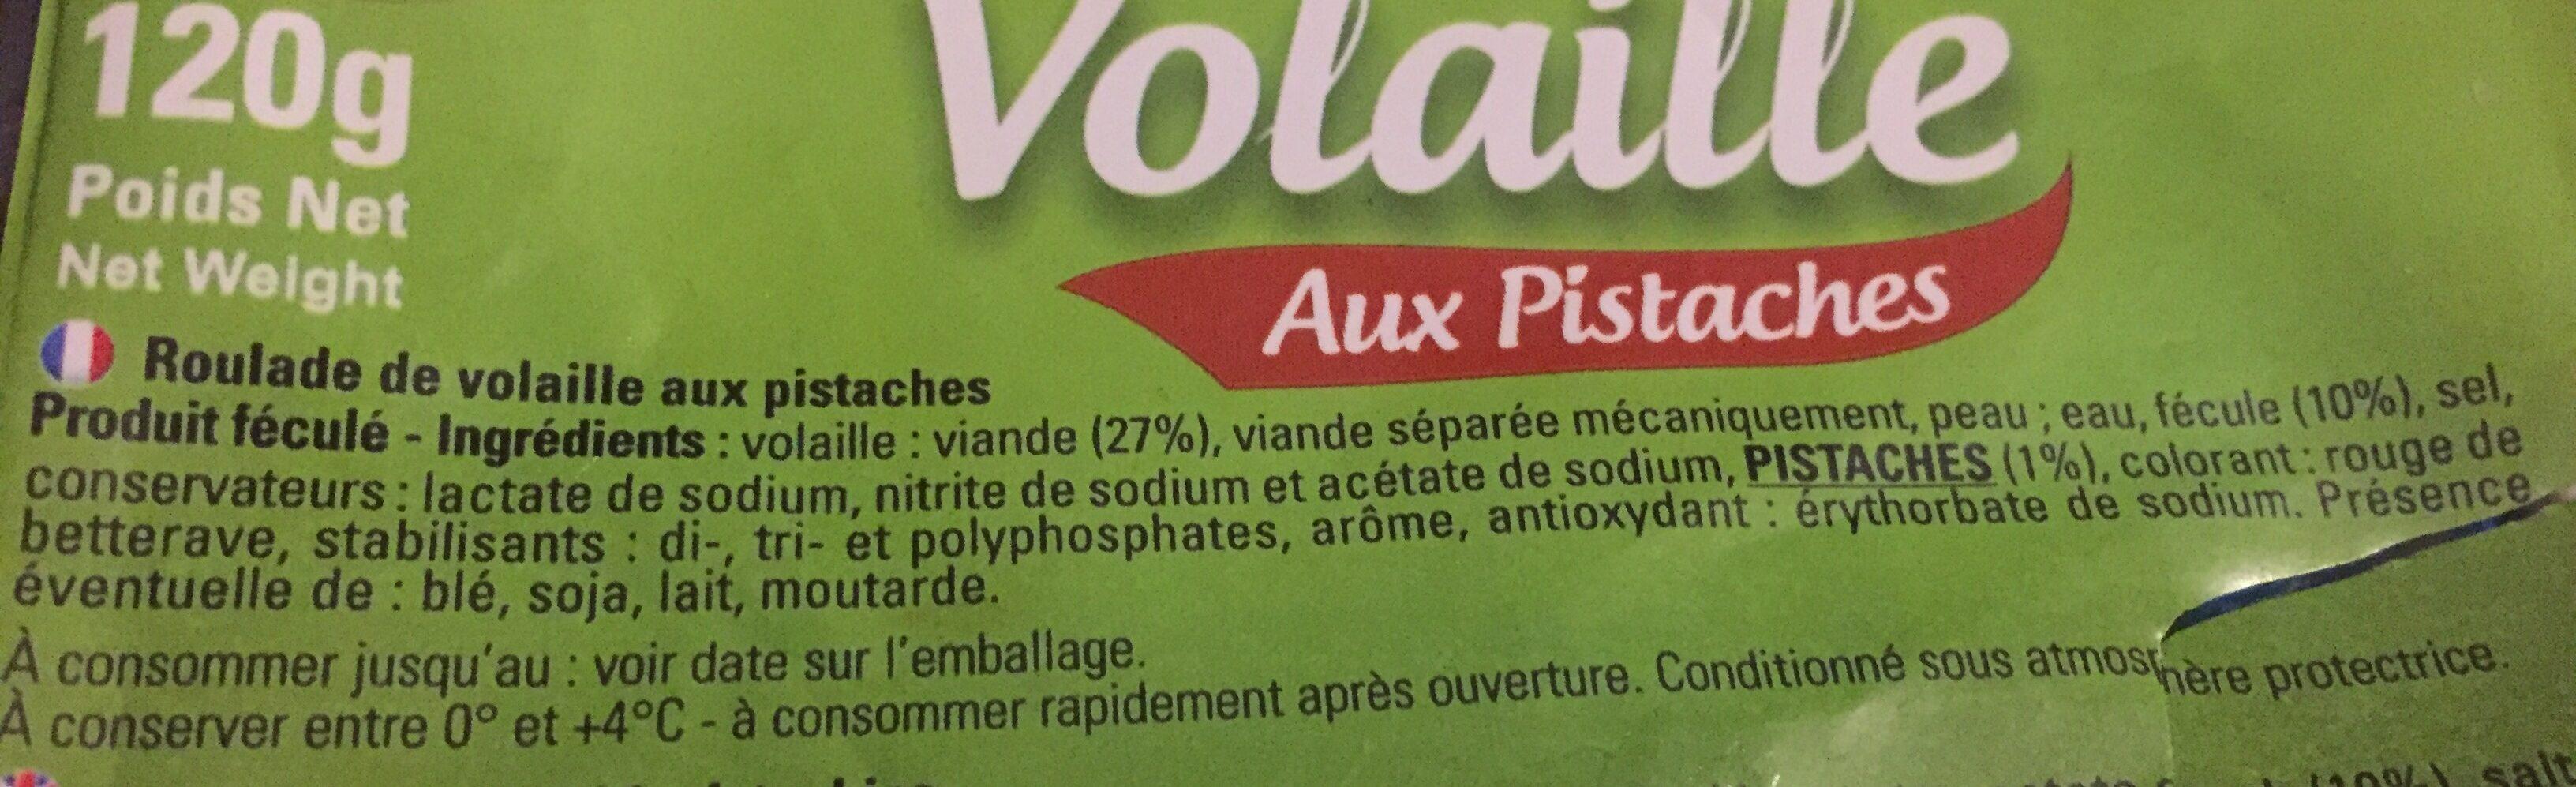 Roule de Volaille aux pistaches - Ingrédients